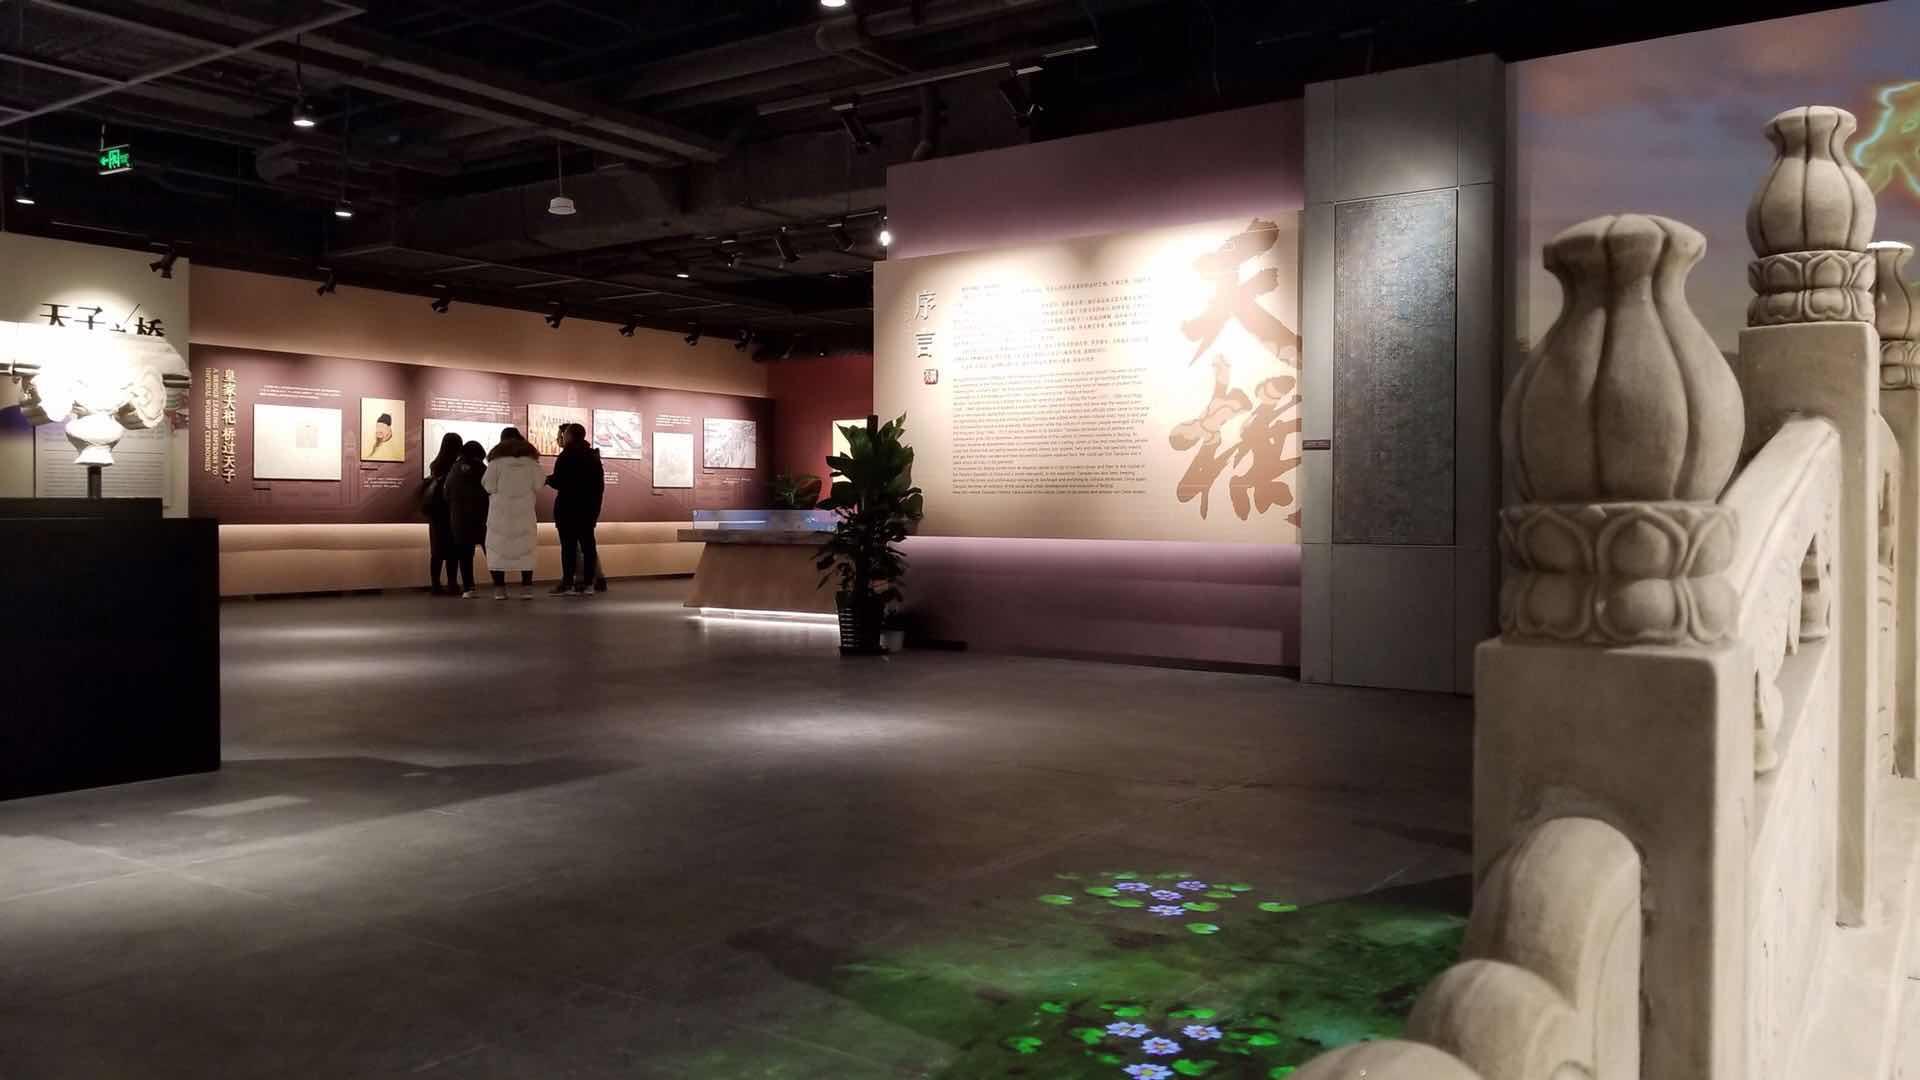 天桥印象博物馆开业  再现民俗繁荣  创新京味文化